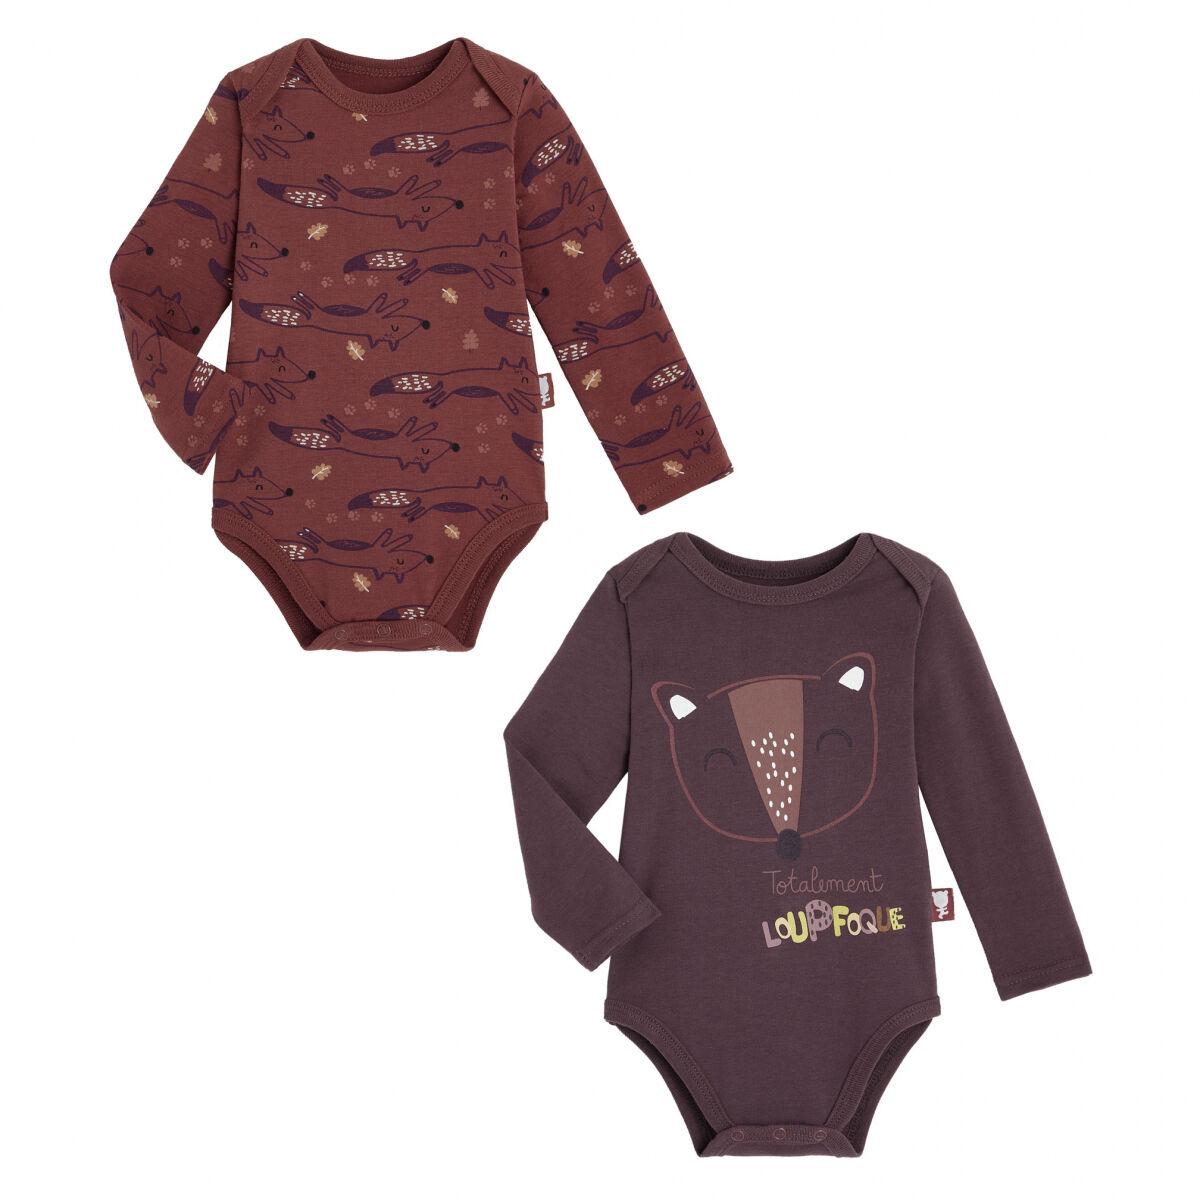 Petit Béguin Lot de 2 bodies bébé garçon manches longues contenant du coton bio Loupfoque - Taille - 18 mois